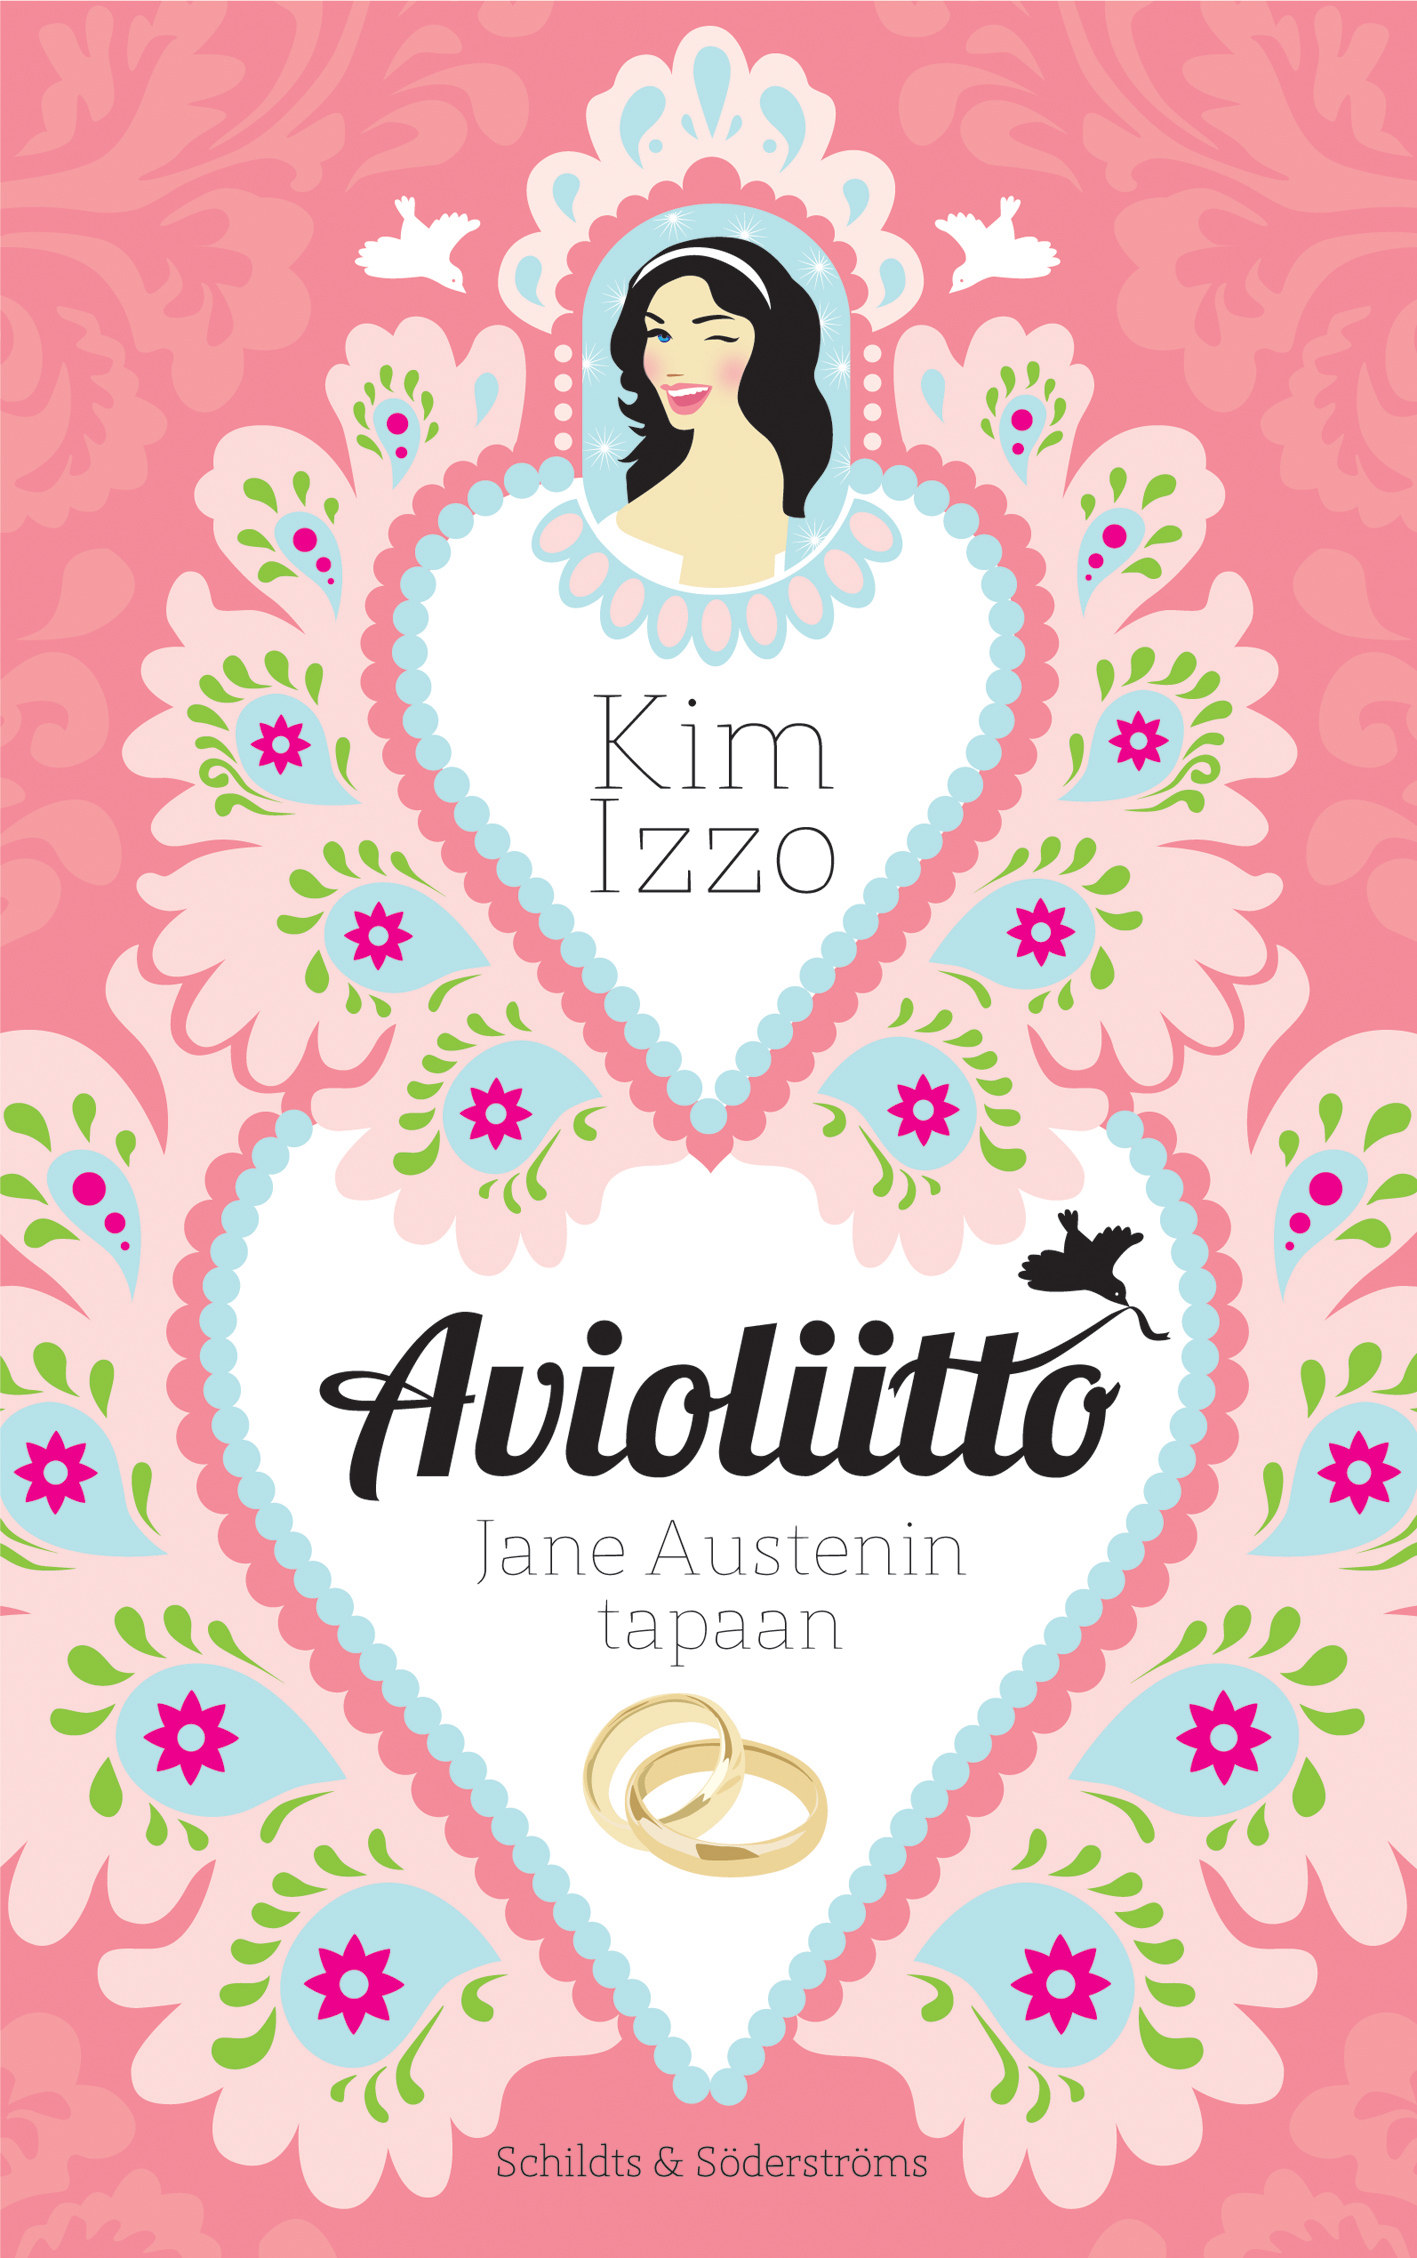 Avioliitto Jane Austenin tapaan